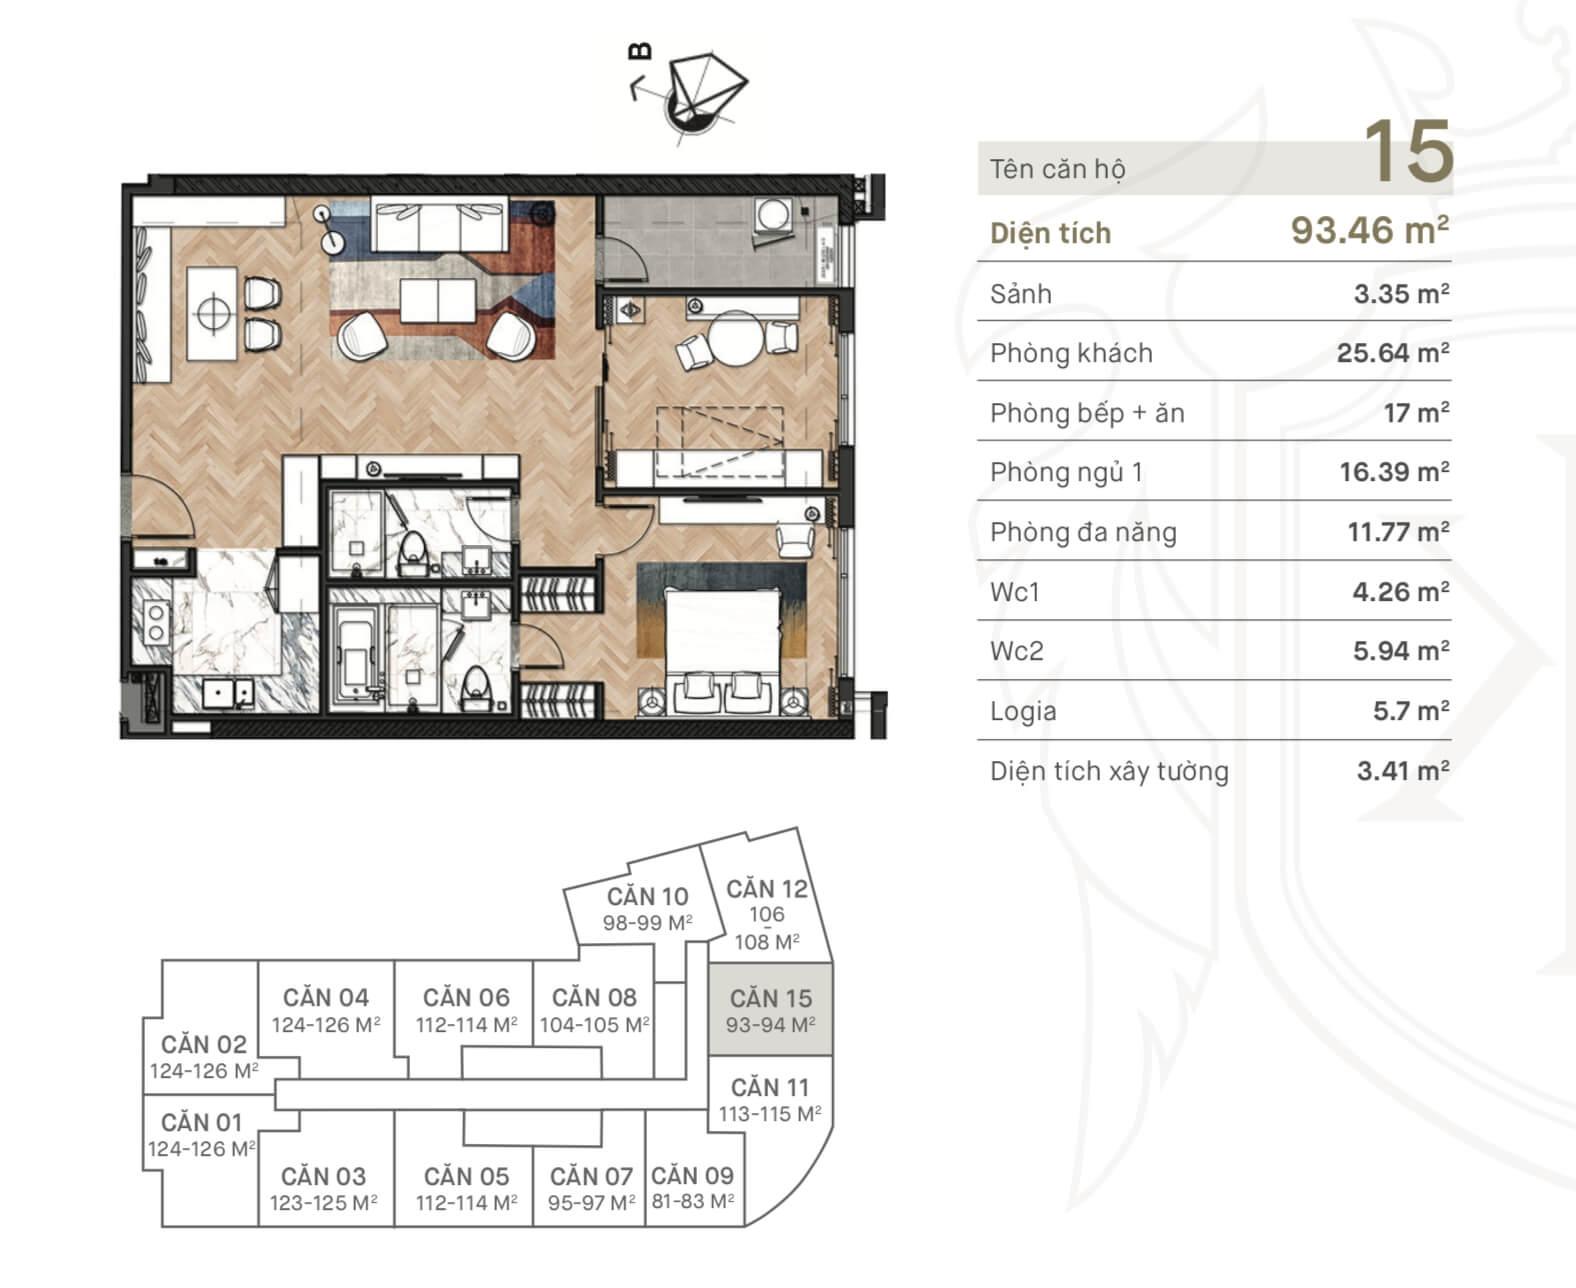 Thiết kế căn hộ 15 King Palace